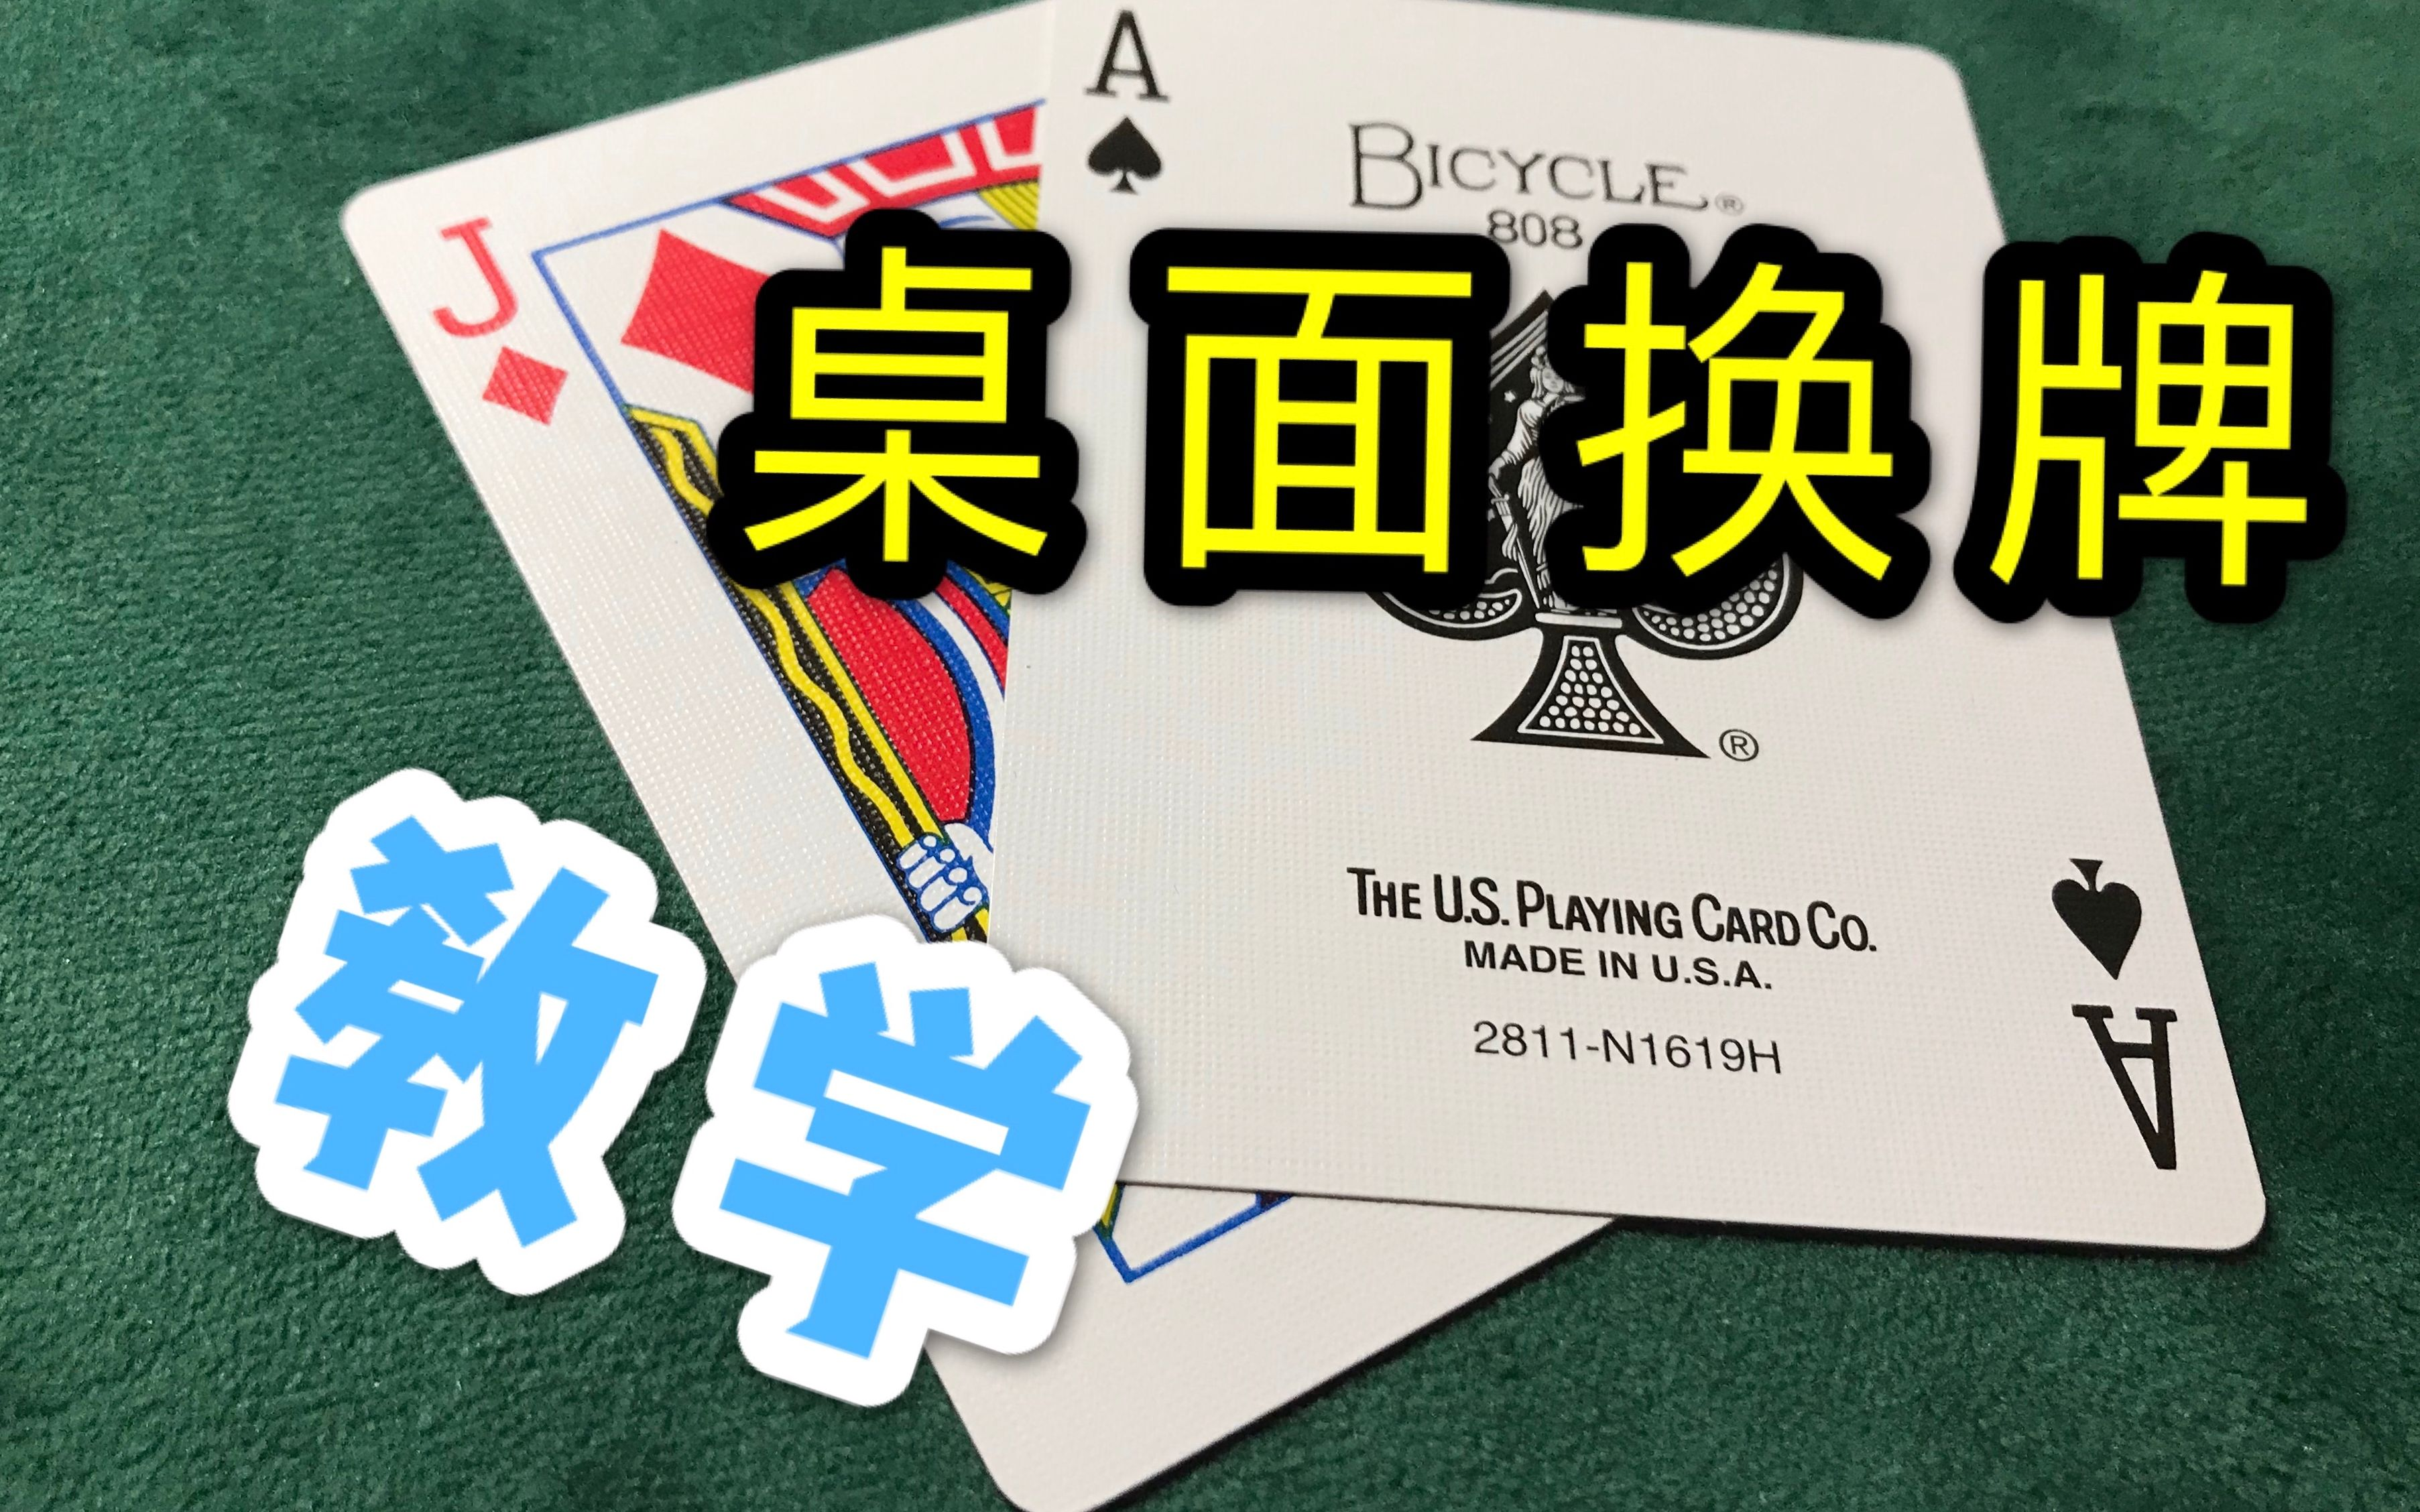 天天教你变教学】键盘换牌桌面手法_哔哩哔哩高速公路操作魔术使用说明图片